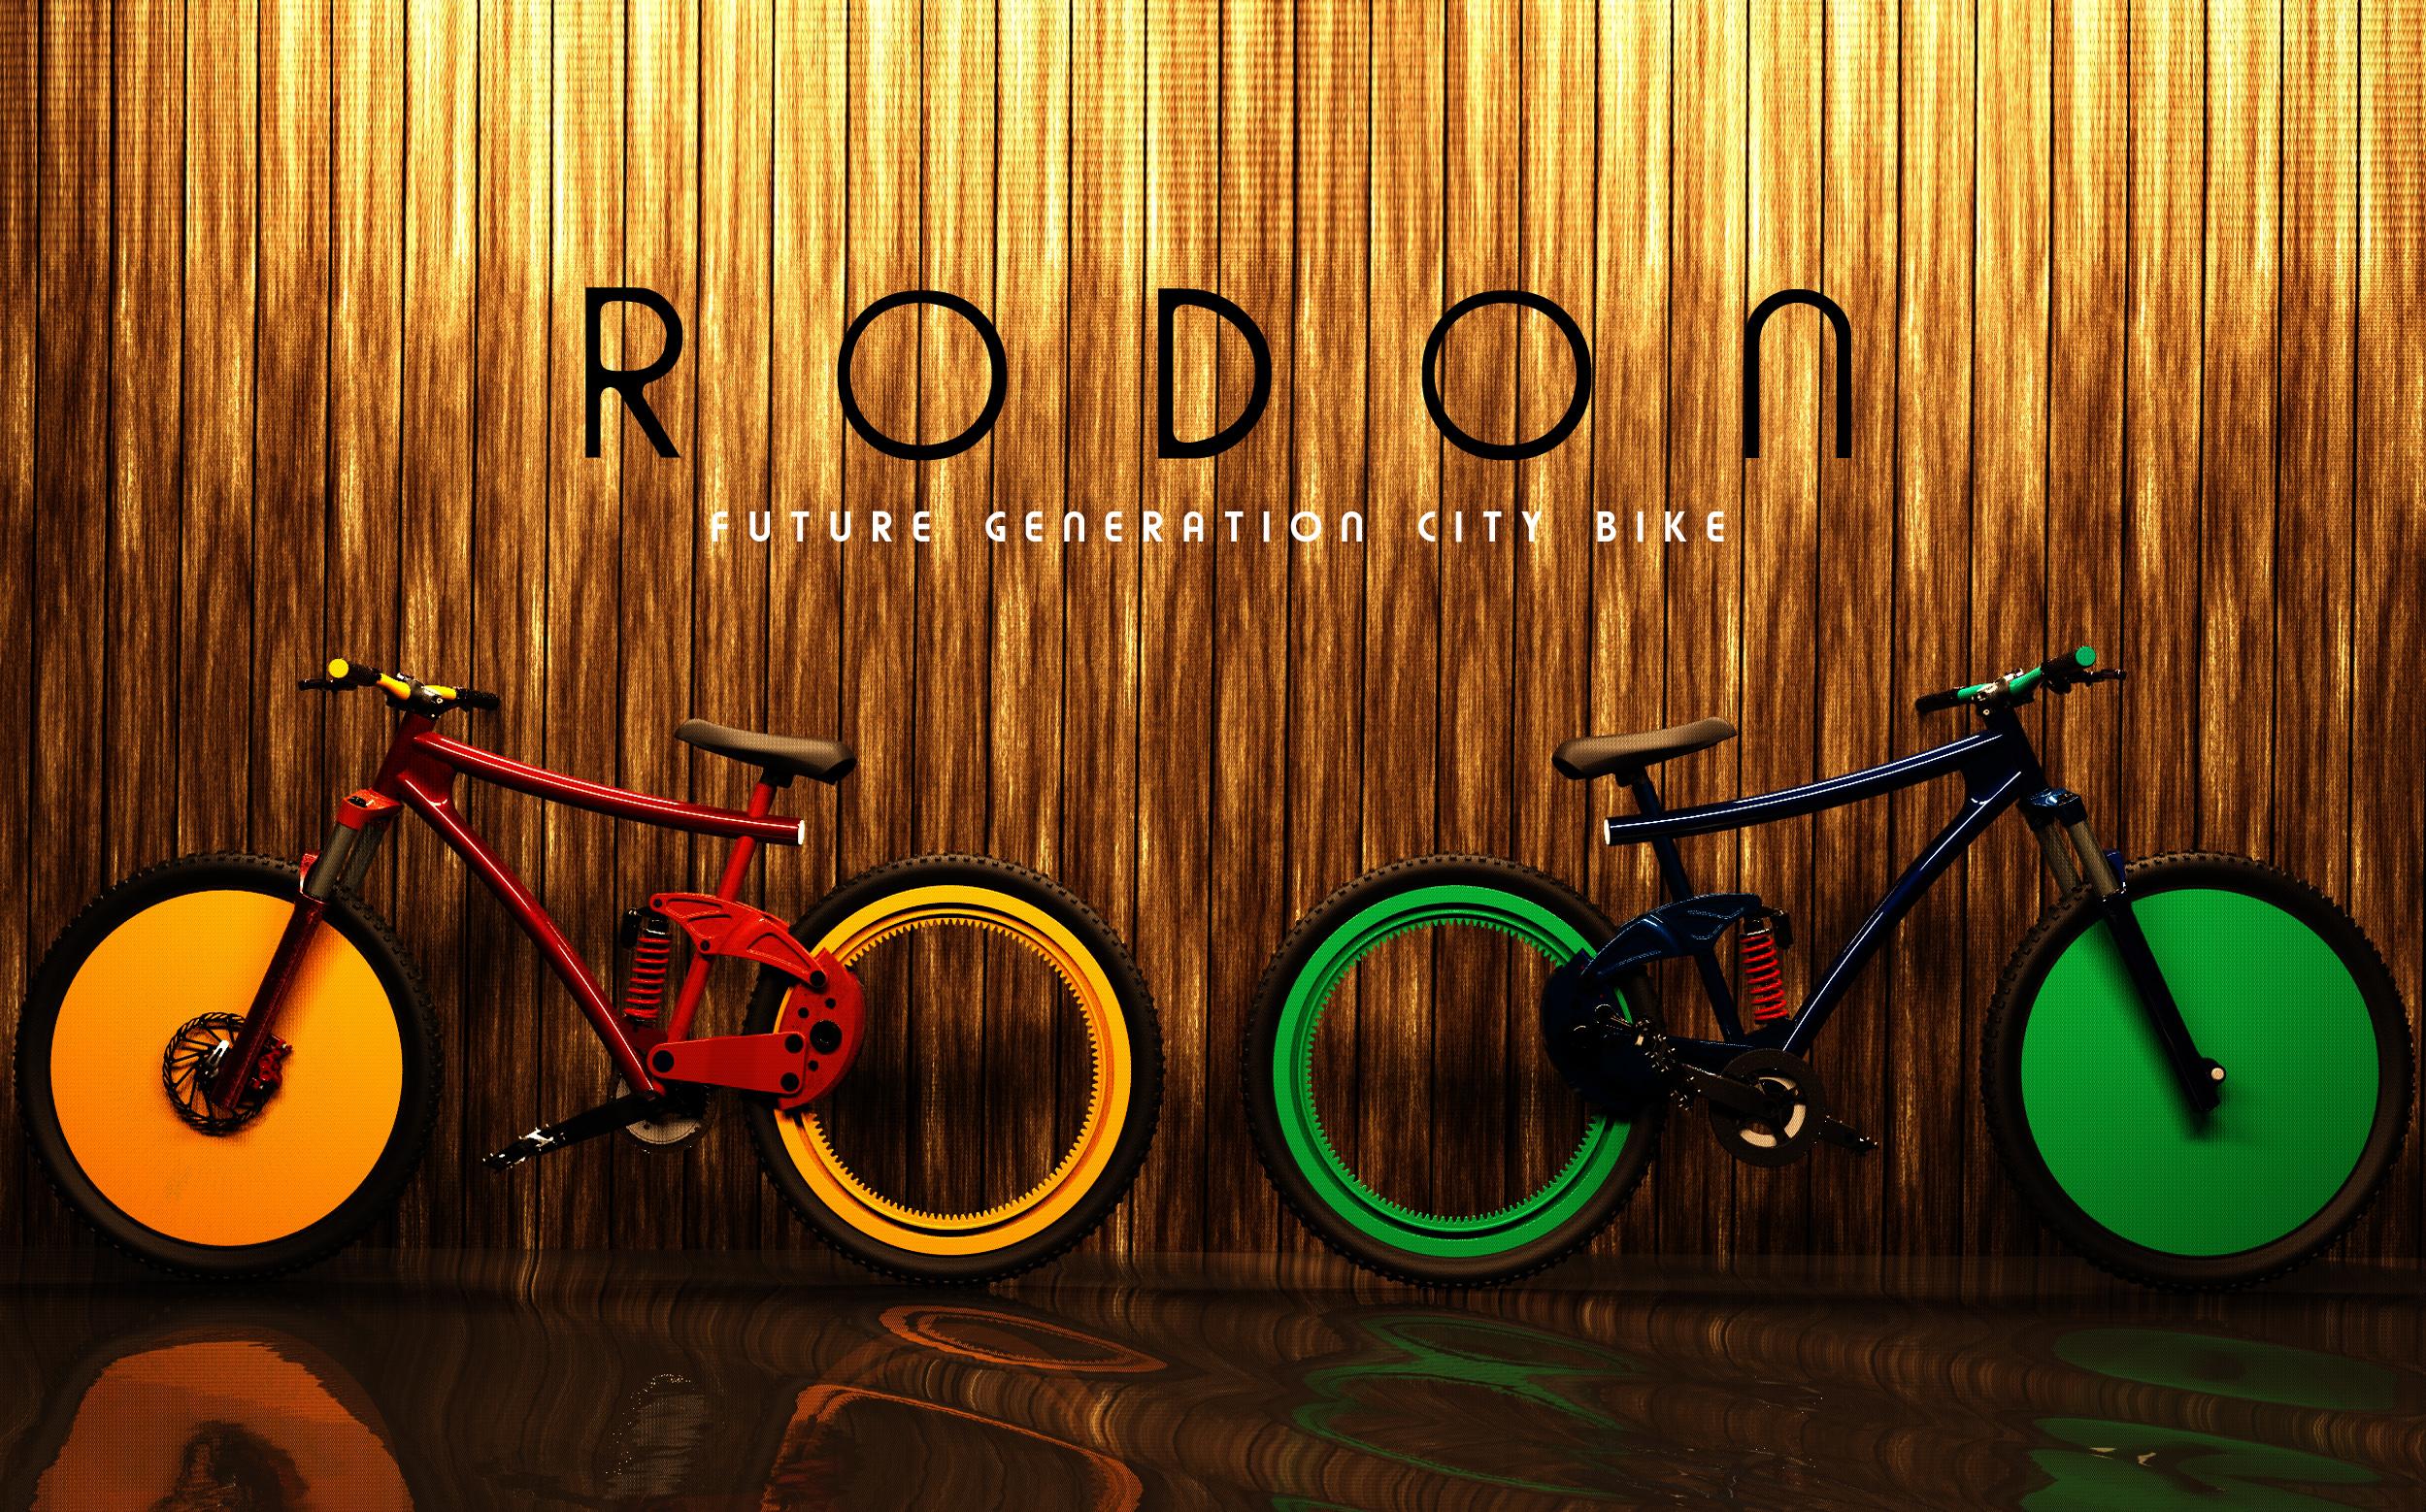 これが次世代チャリ「RODON」…スポークないけど大丈夫? | FUTURUS(フトゥールス)